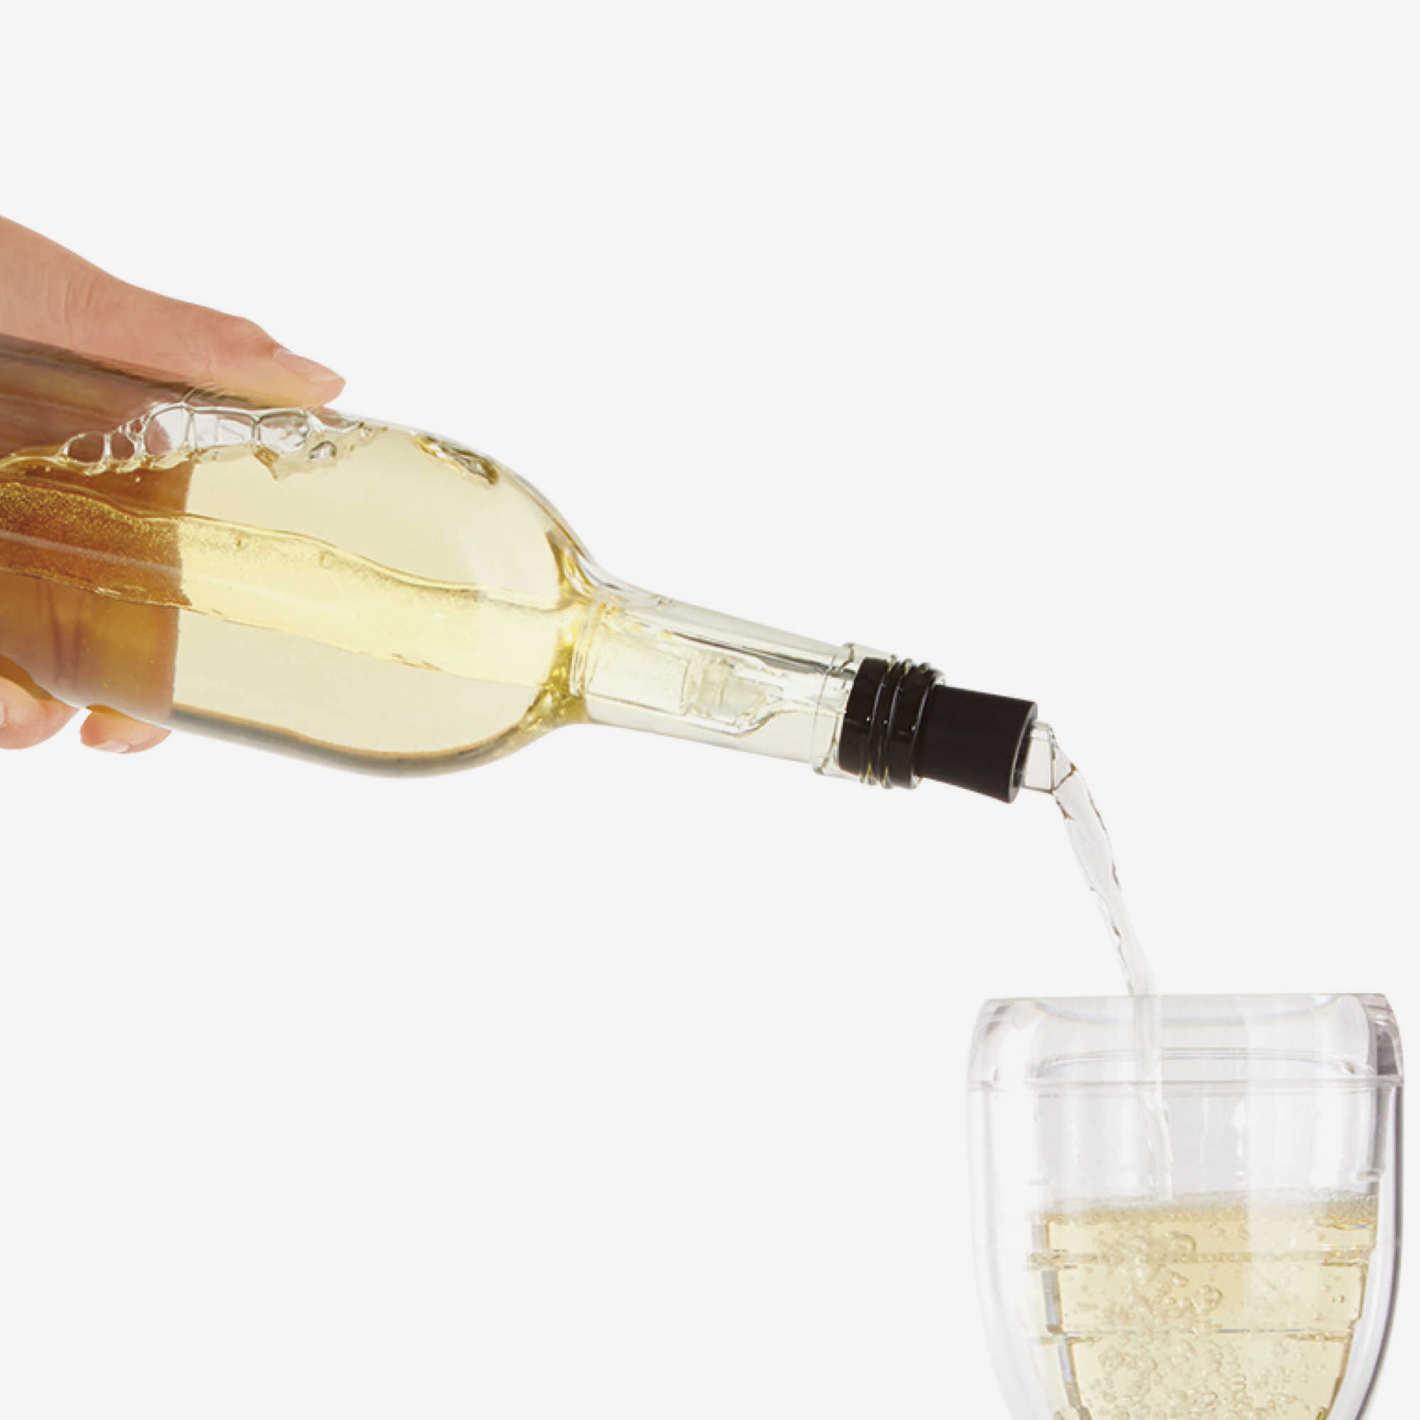 Corkcicle Pour